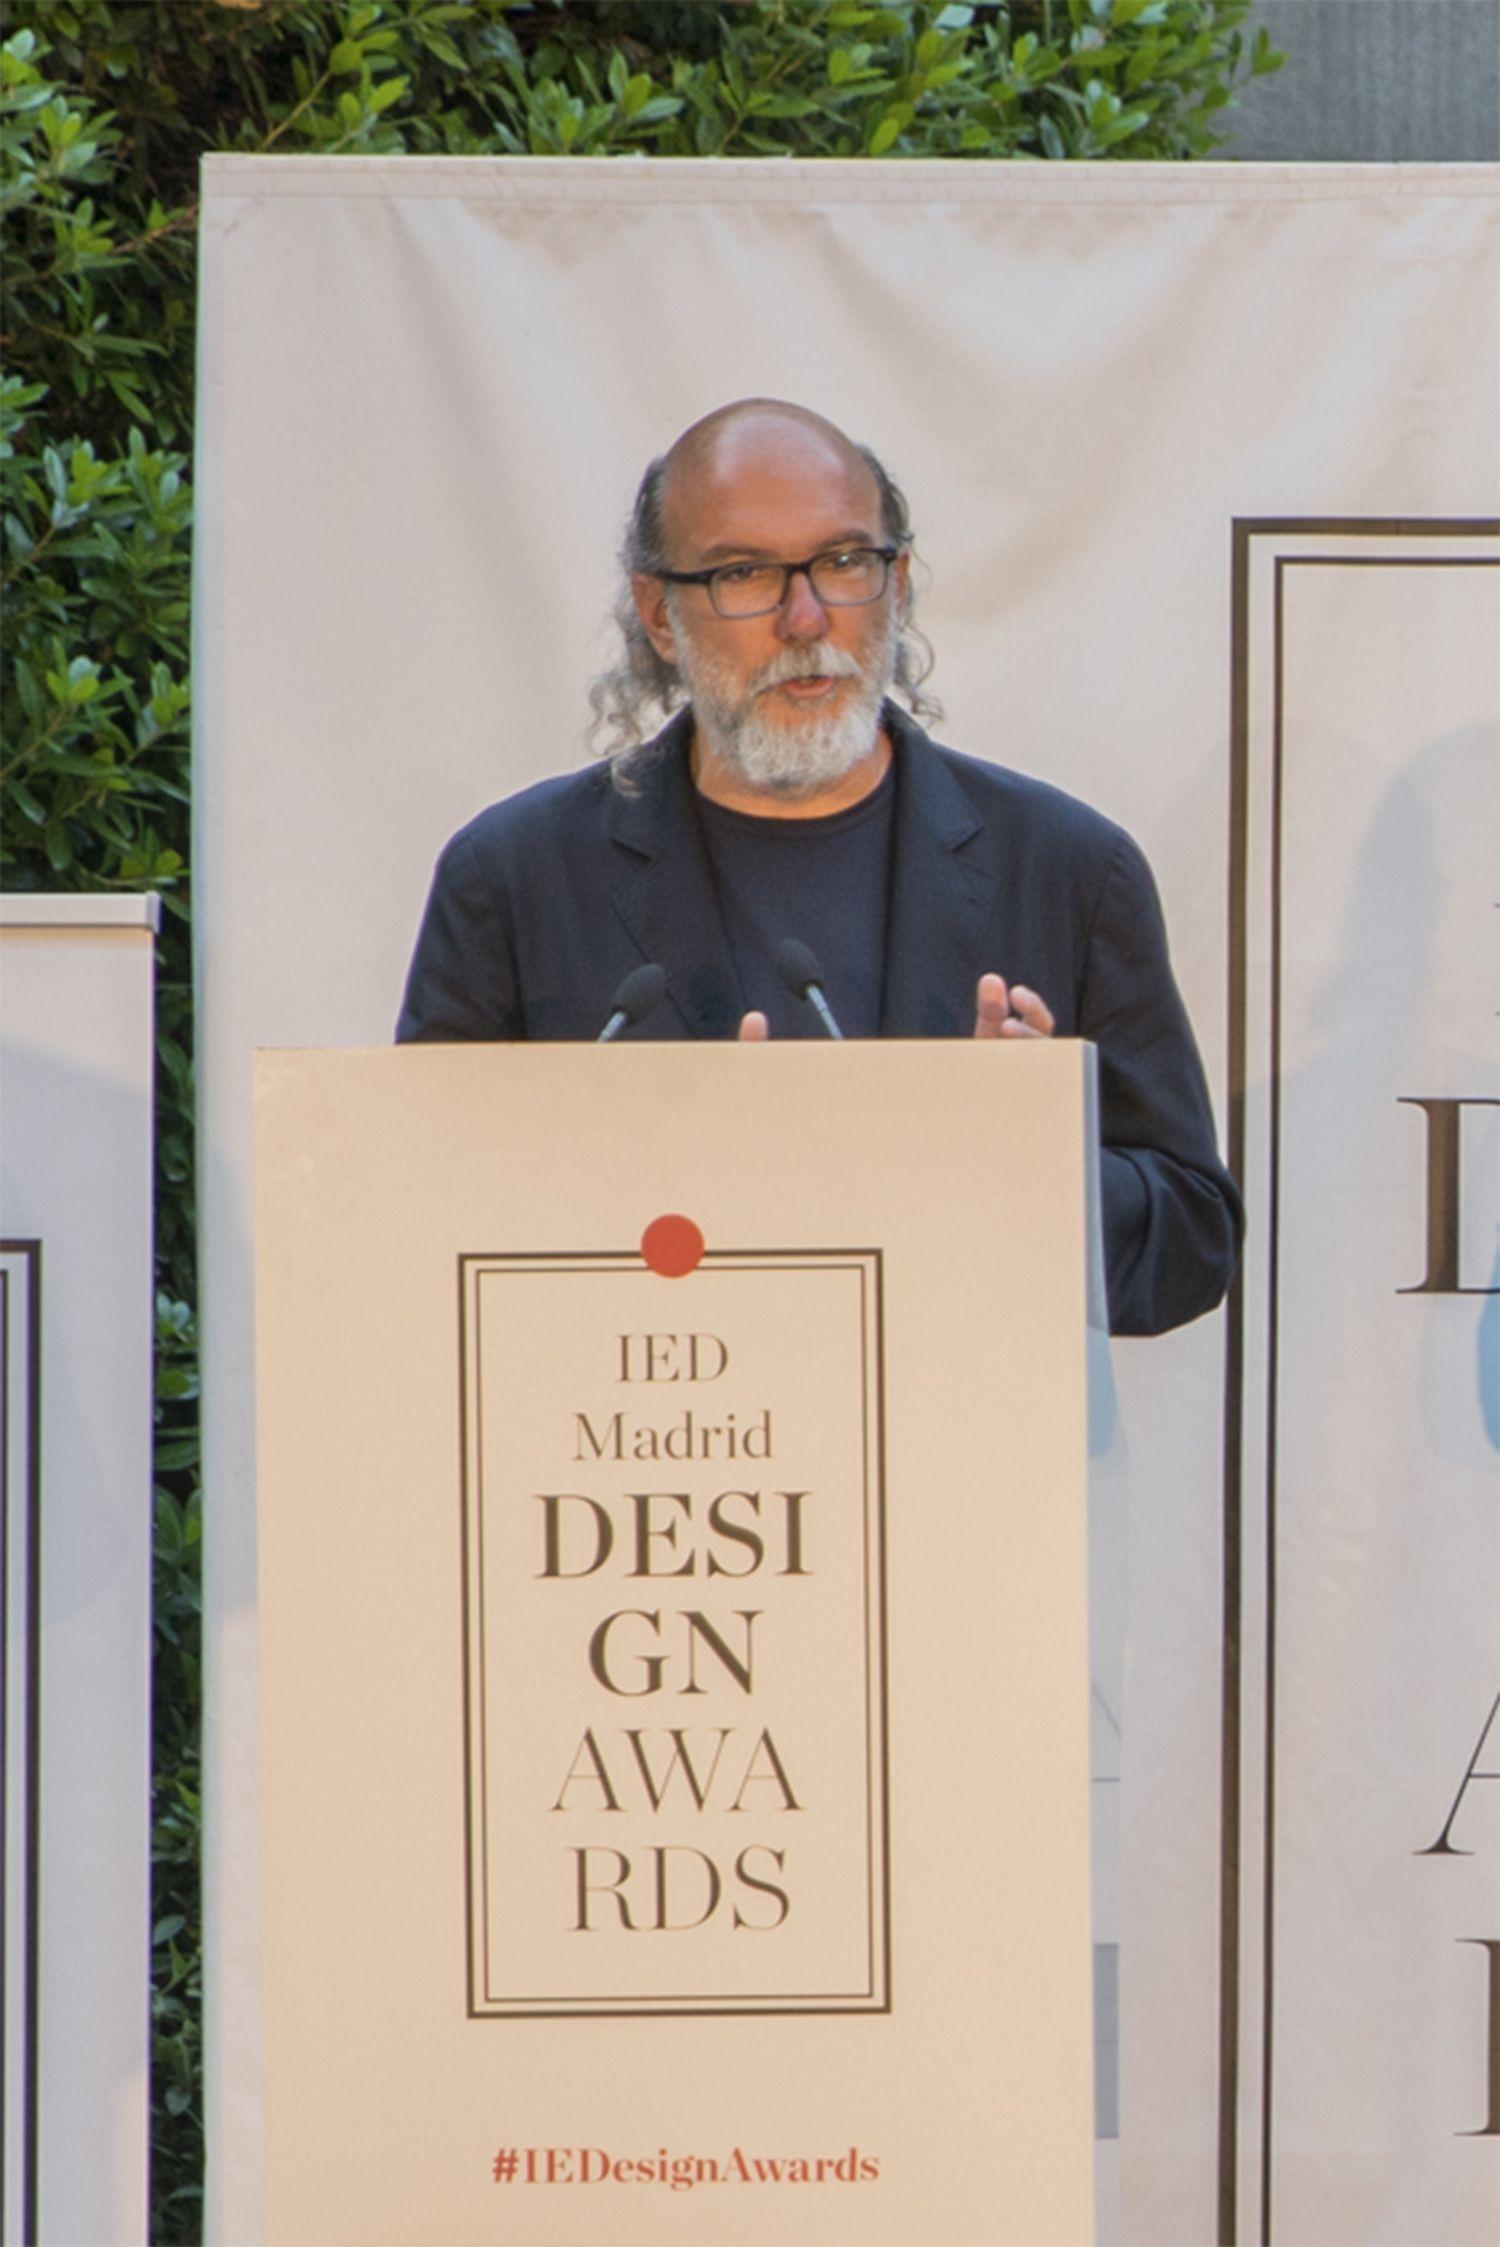 El publicista Toni Segarra, premio de honor IED Design Awards a toda una carrera dedicada a la creatividad